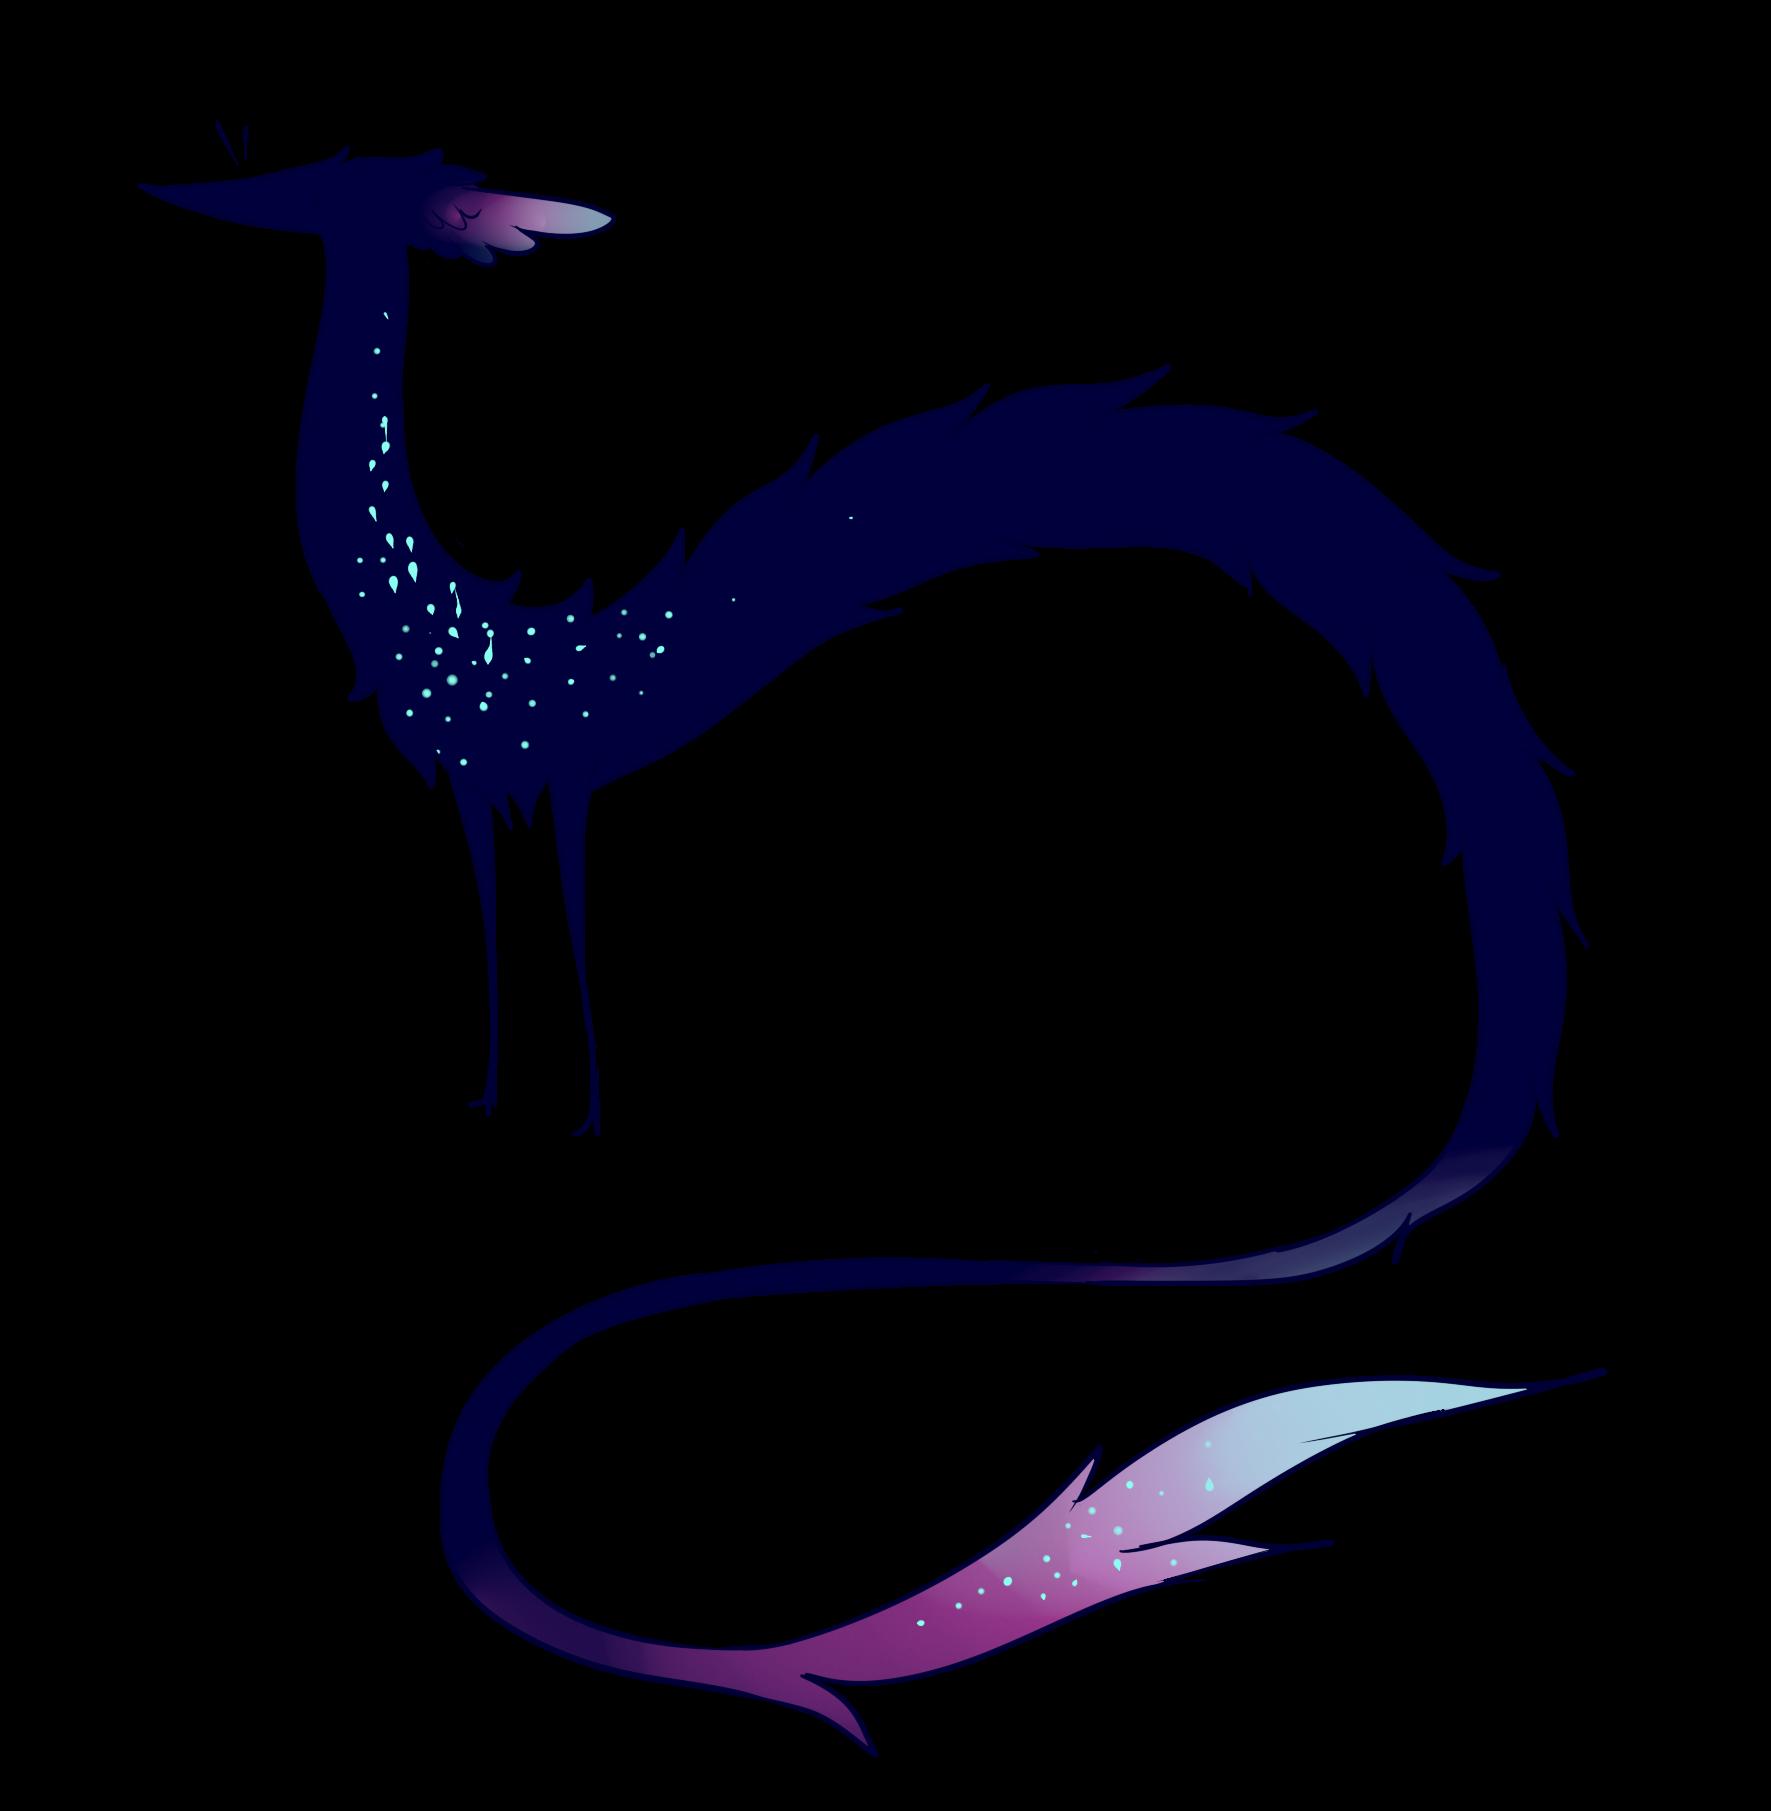 Clip art beak worm. Noodle clipart illustration